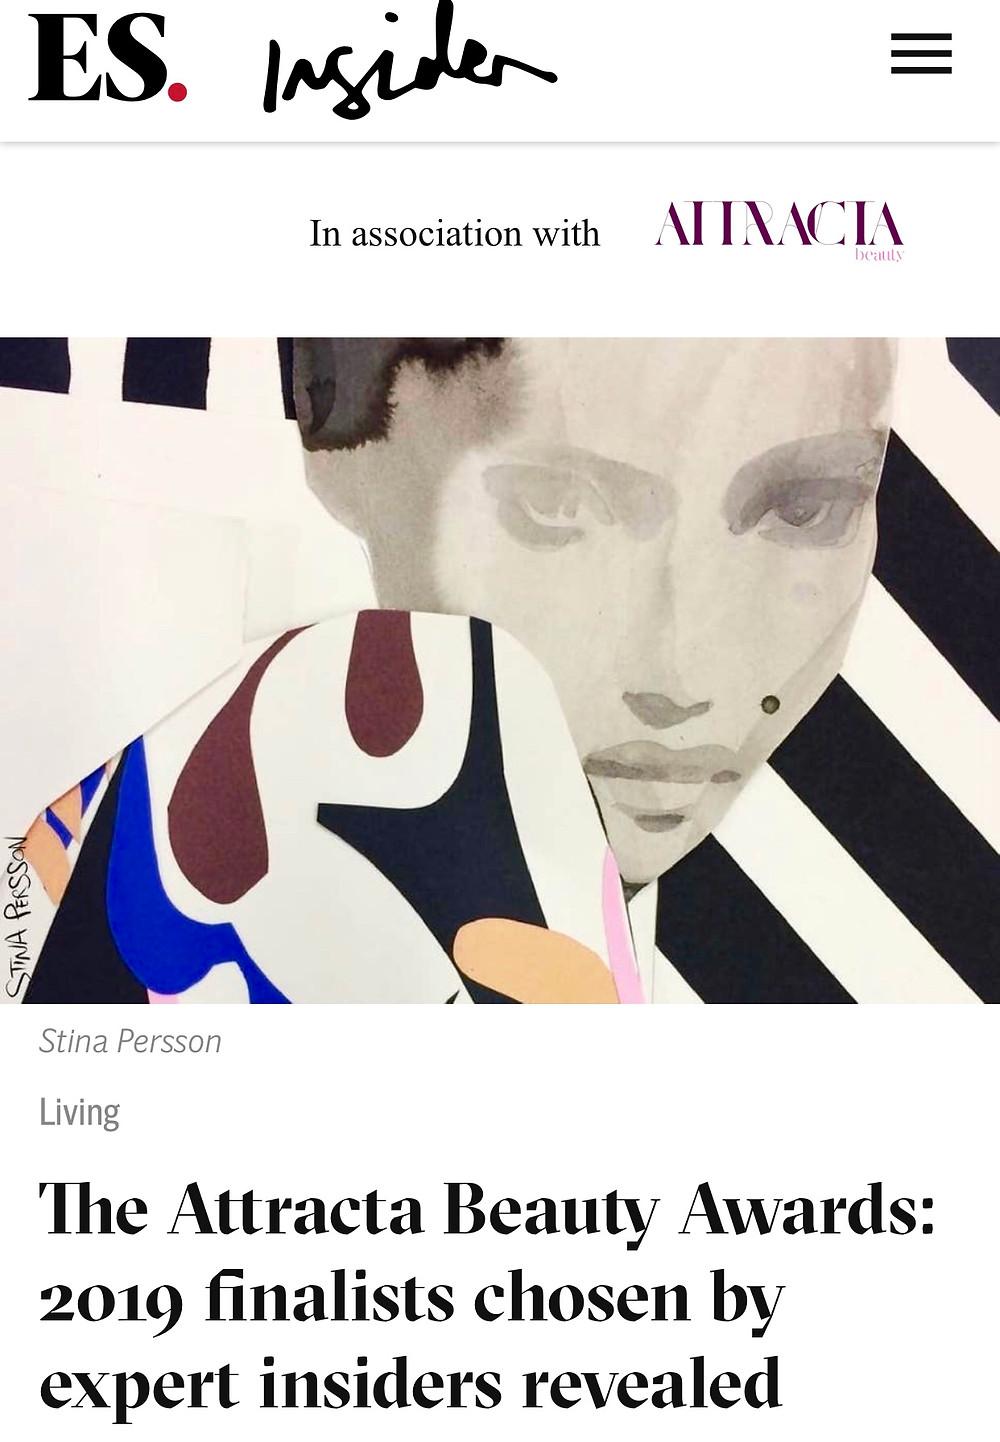 Attracta Beauty Awards 2019